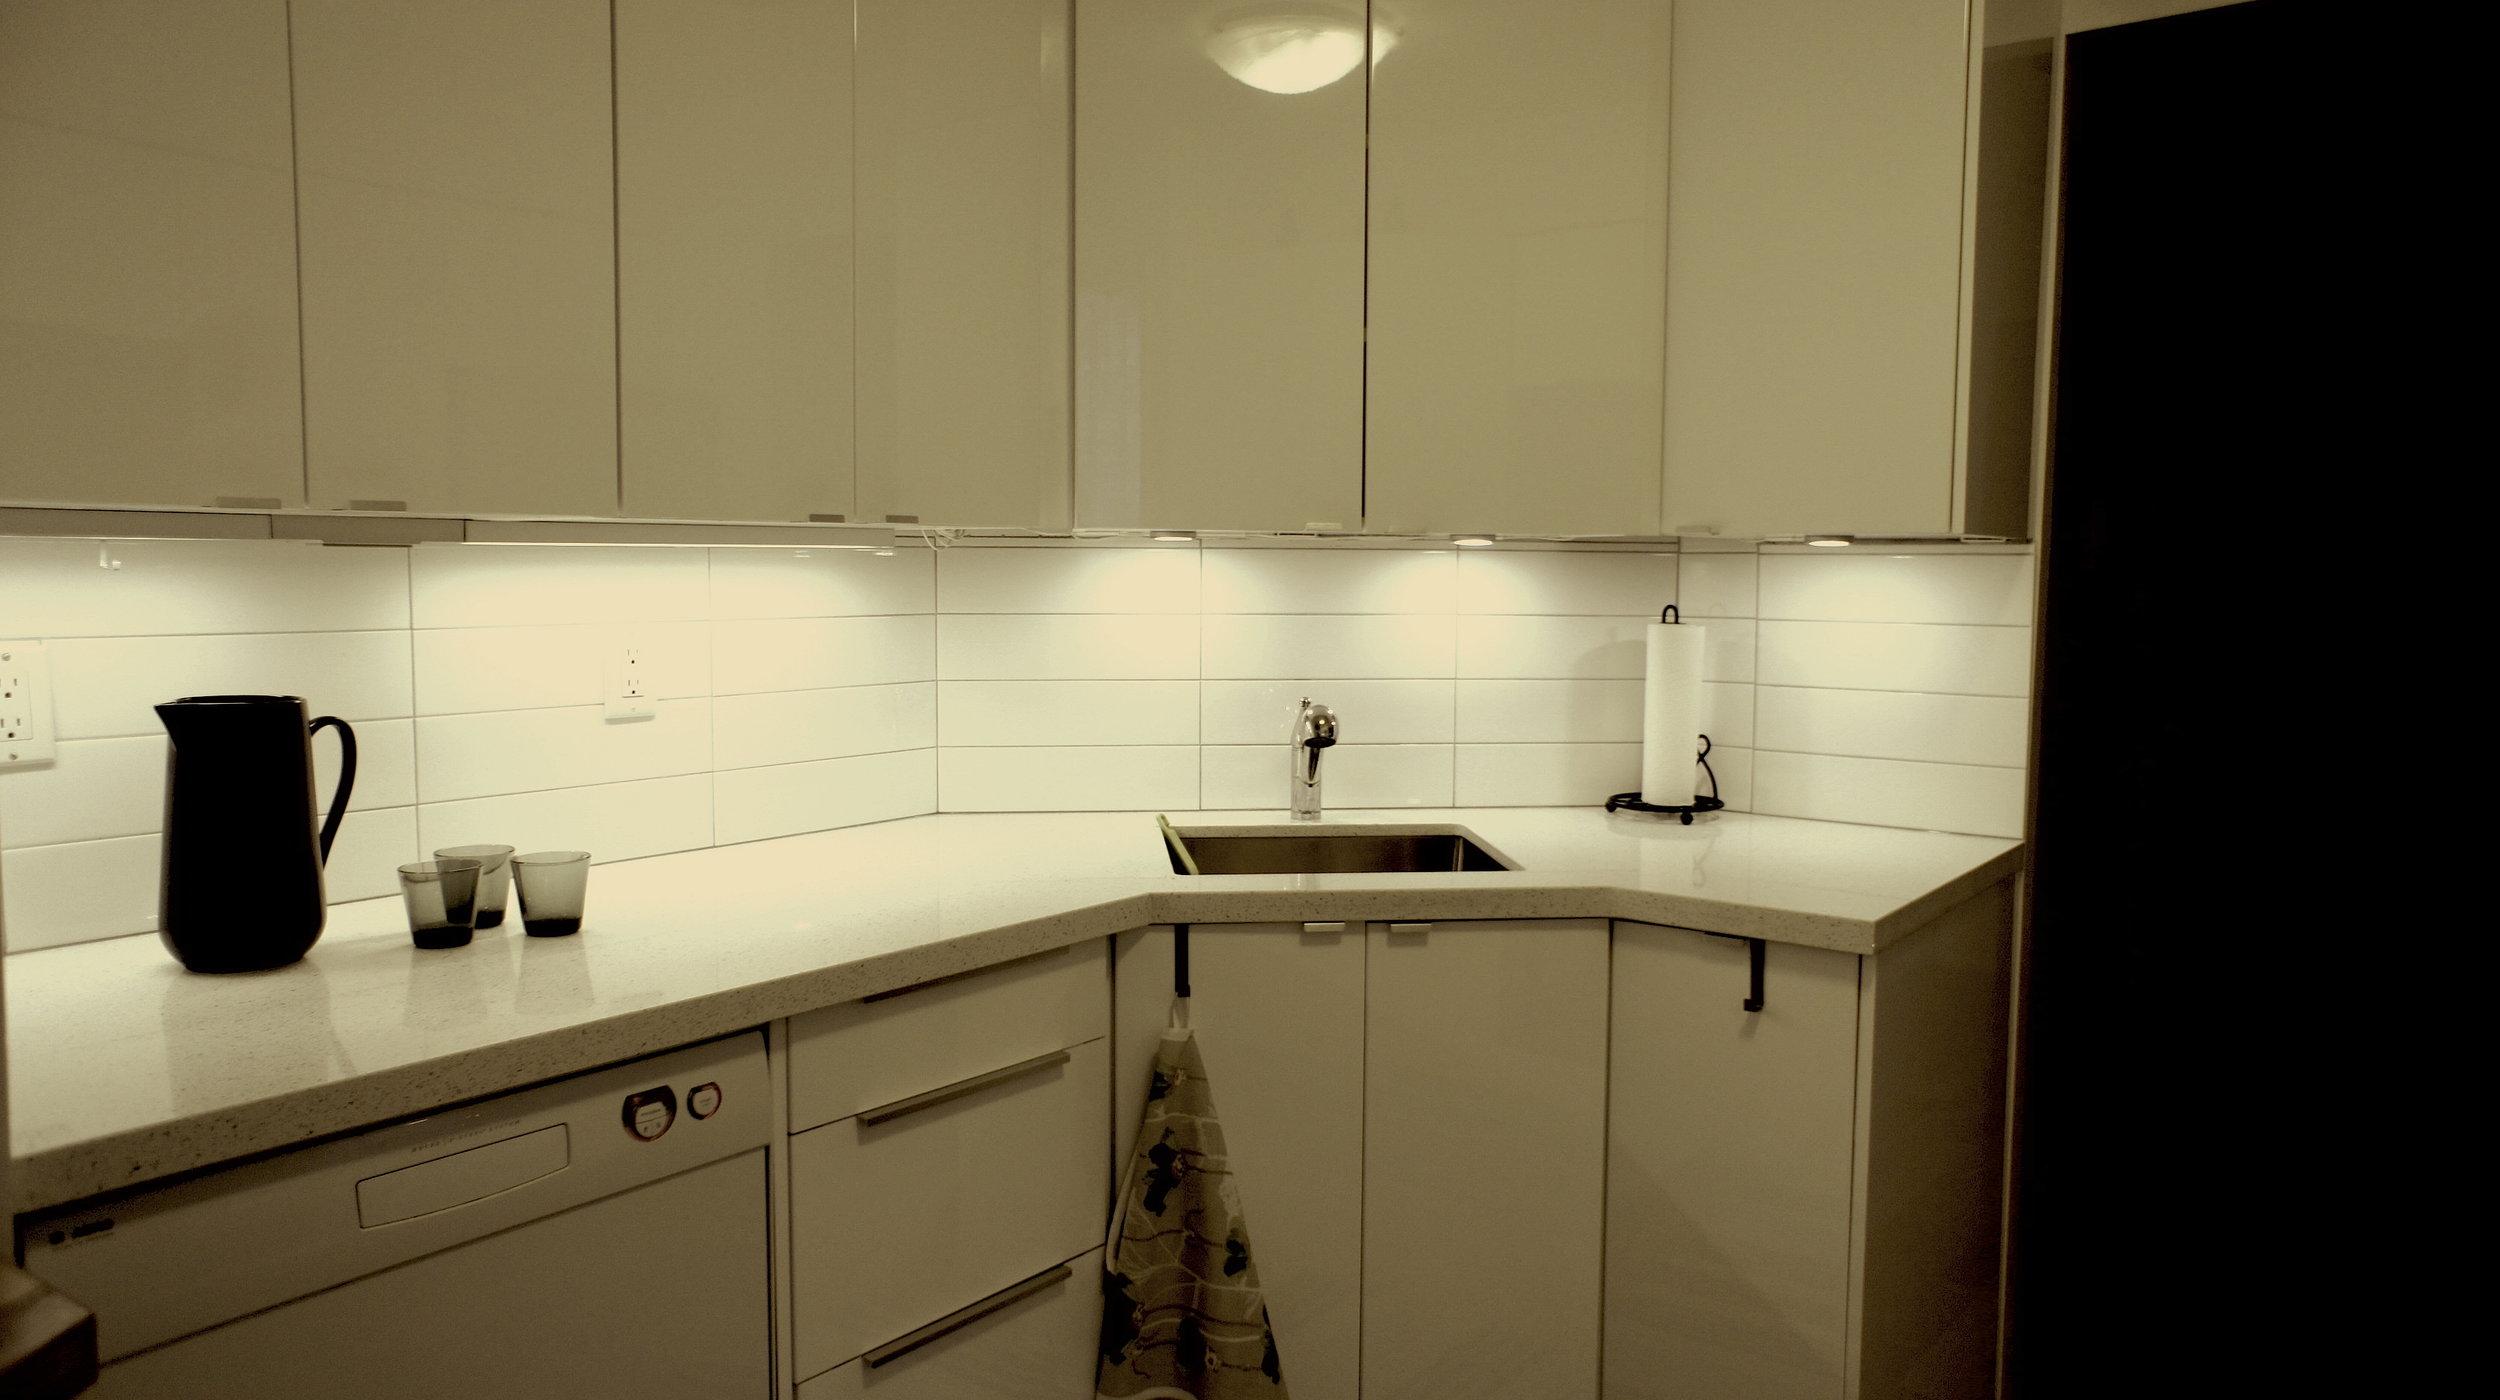 condo kitchen sink.jpg